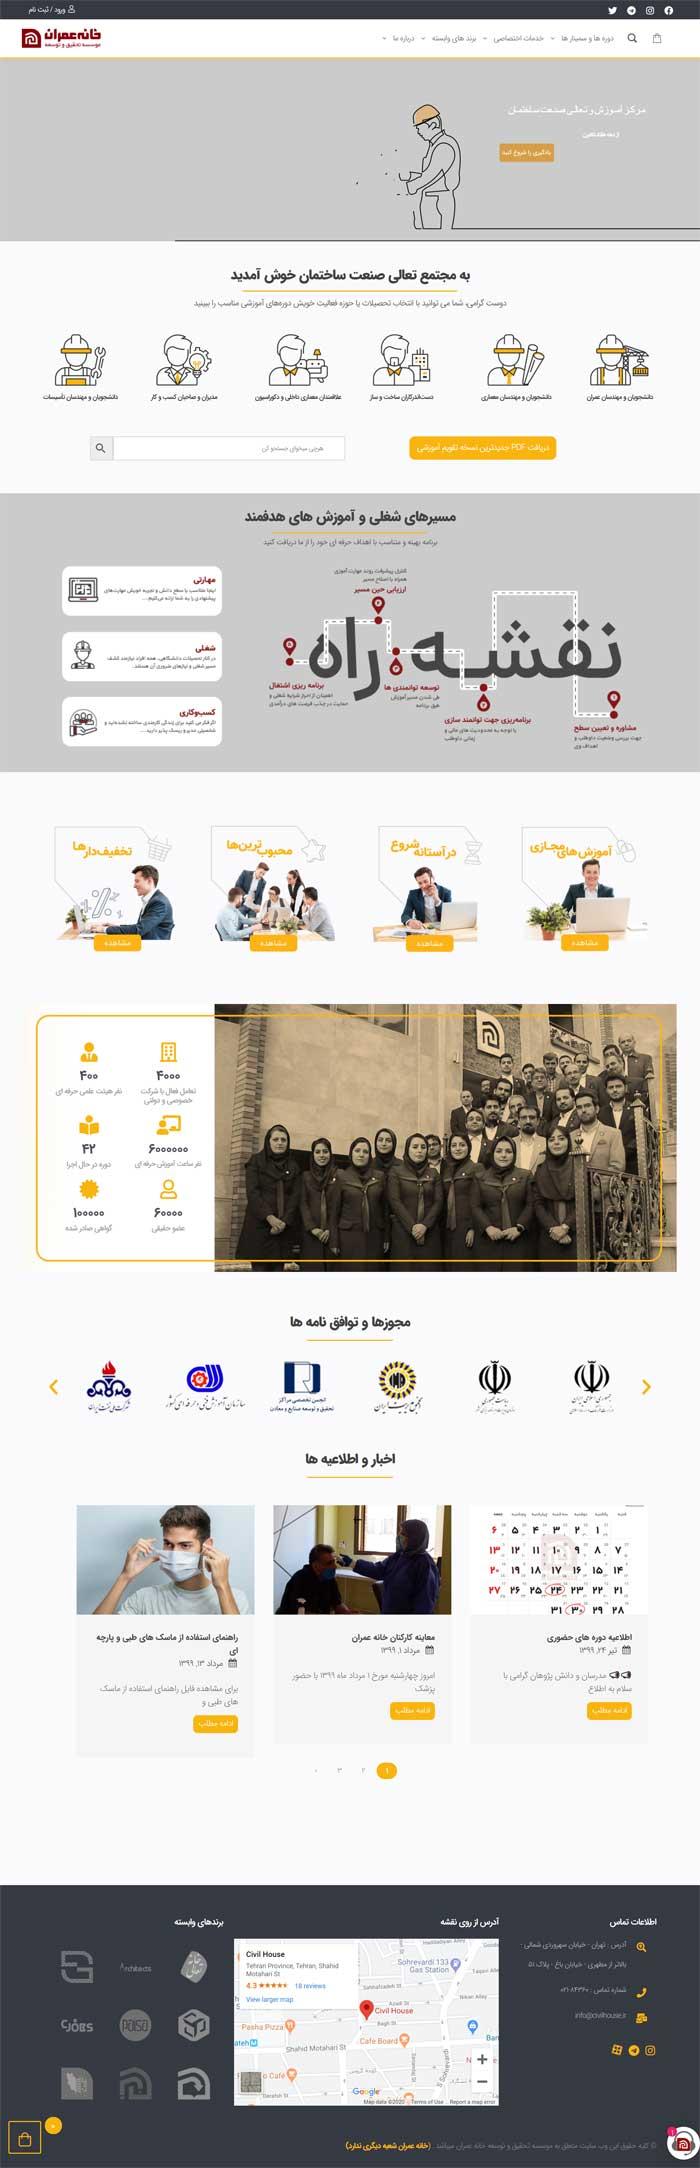 طراحی سایت خانه عمران